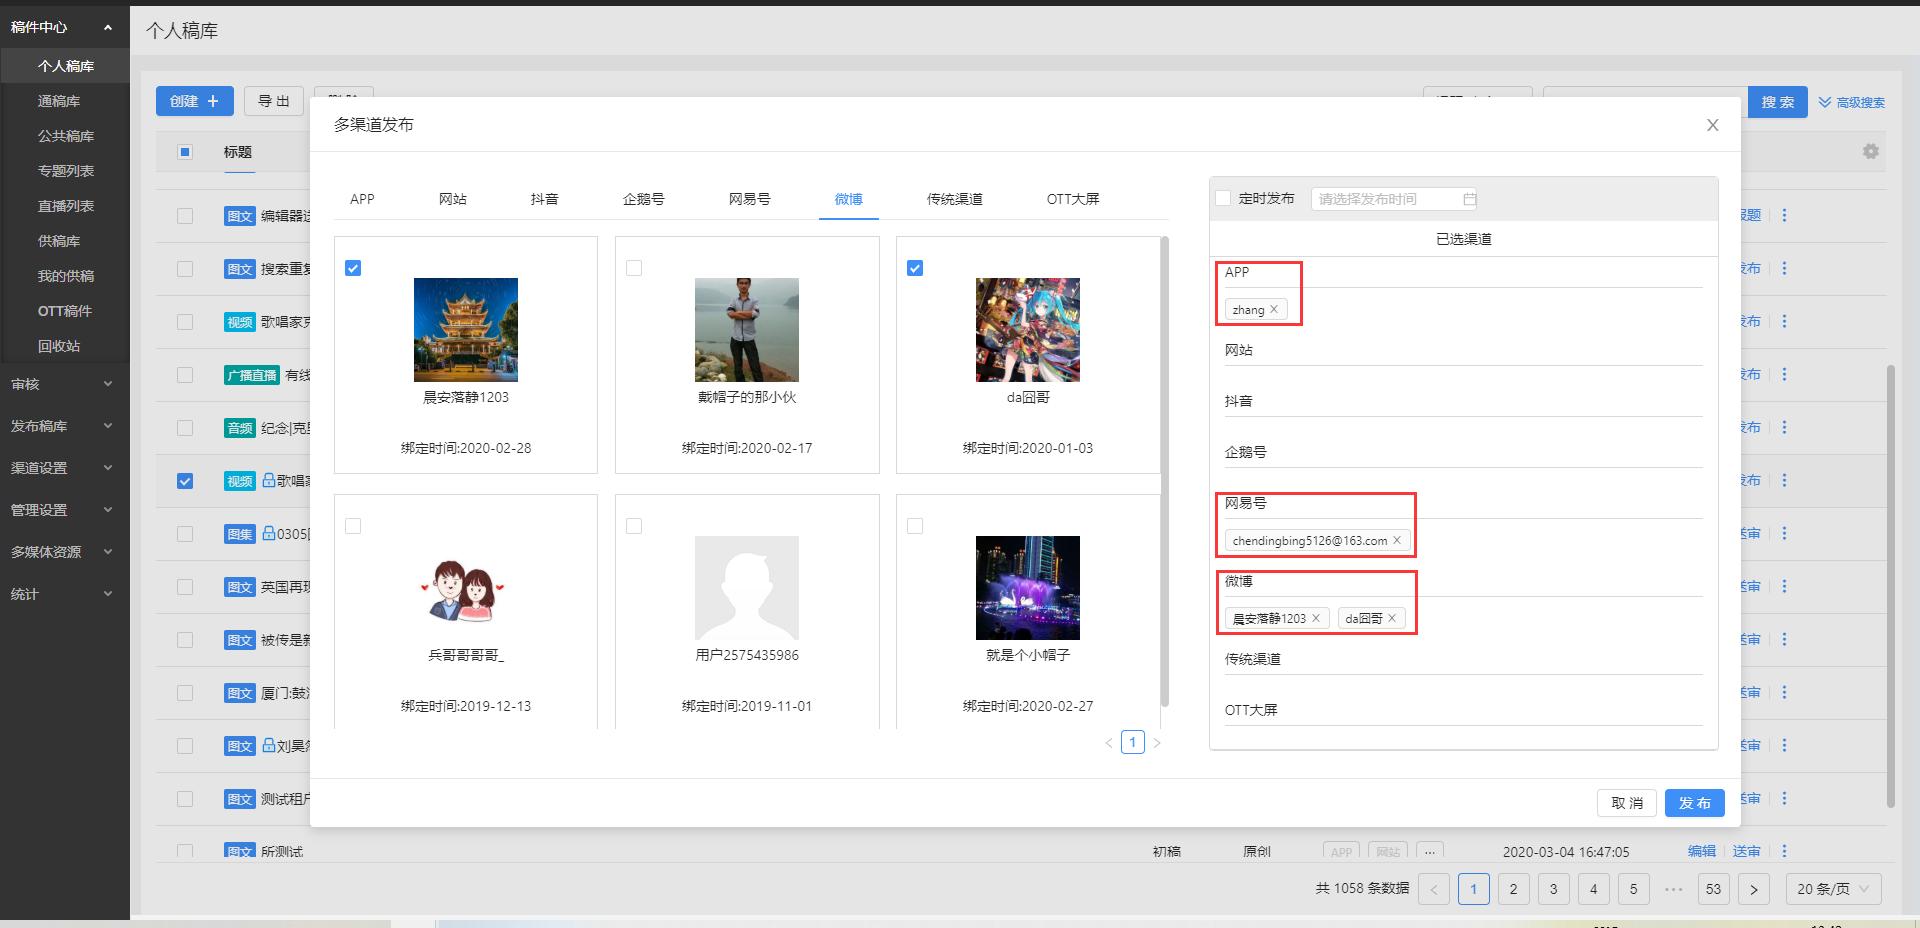 在之前的发布界面上,一次发布仅支持一个渠道,因此,3 个渠道的发布需要分别调用 3 次接口(APP、网易号、微博)